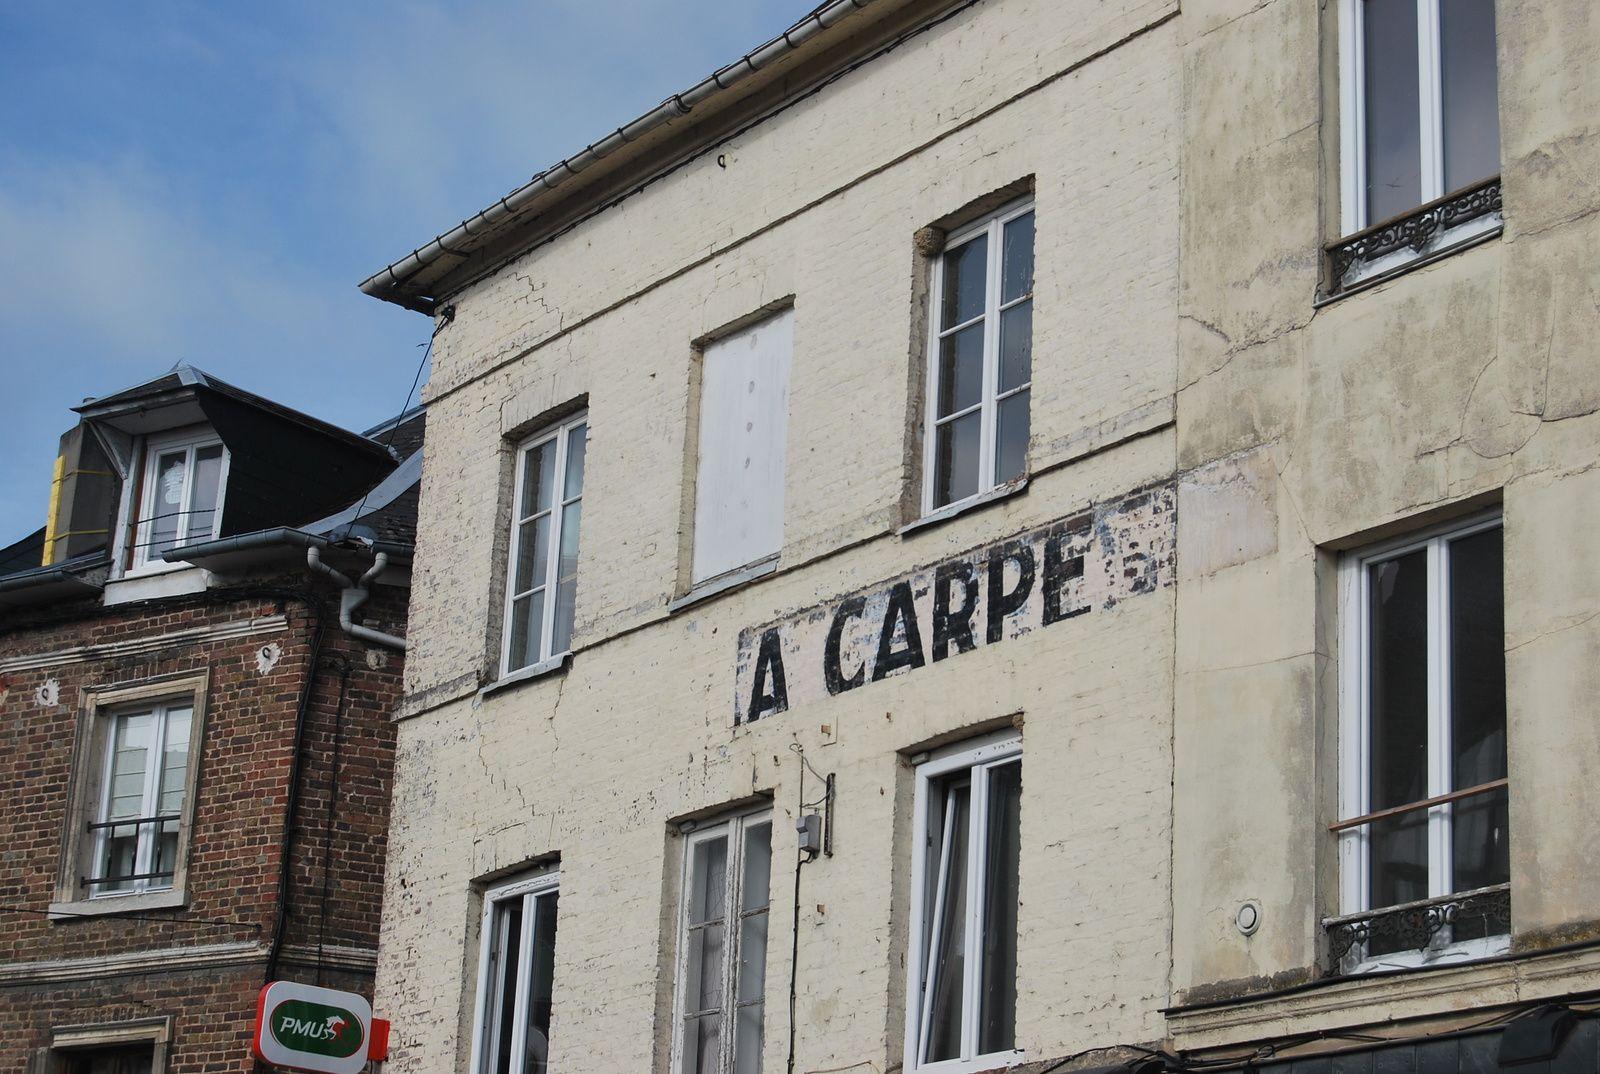 """L'hôtel de la Carpe sur une photographie des années 1970. A noter, l'effacement du mot """"hôtel"""" sur l'enseigne. Sur le deuxième document, le même lieu photographié en juillet 2019 (cliché Armand Launay)."""